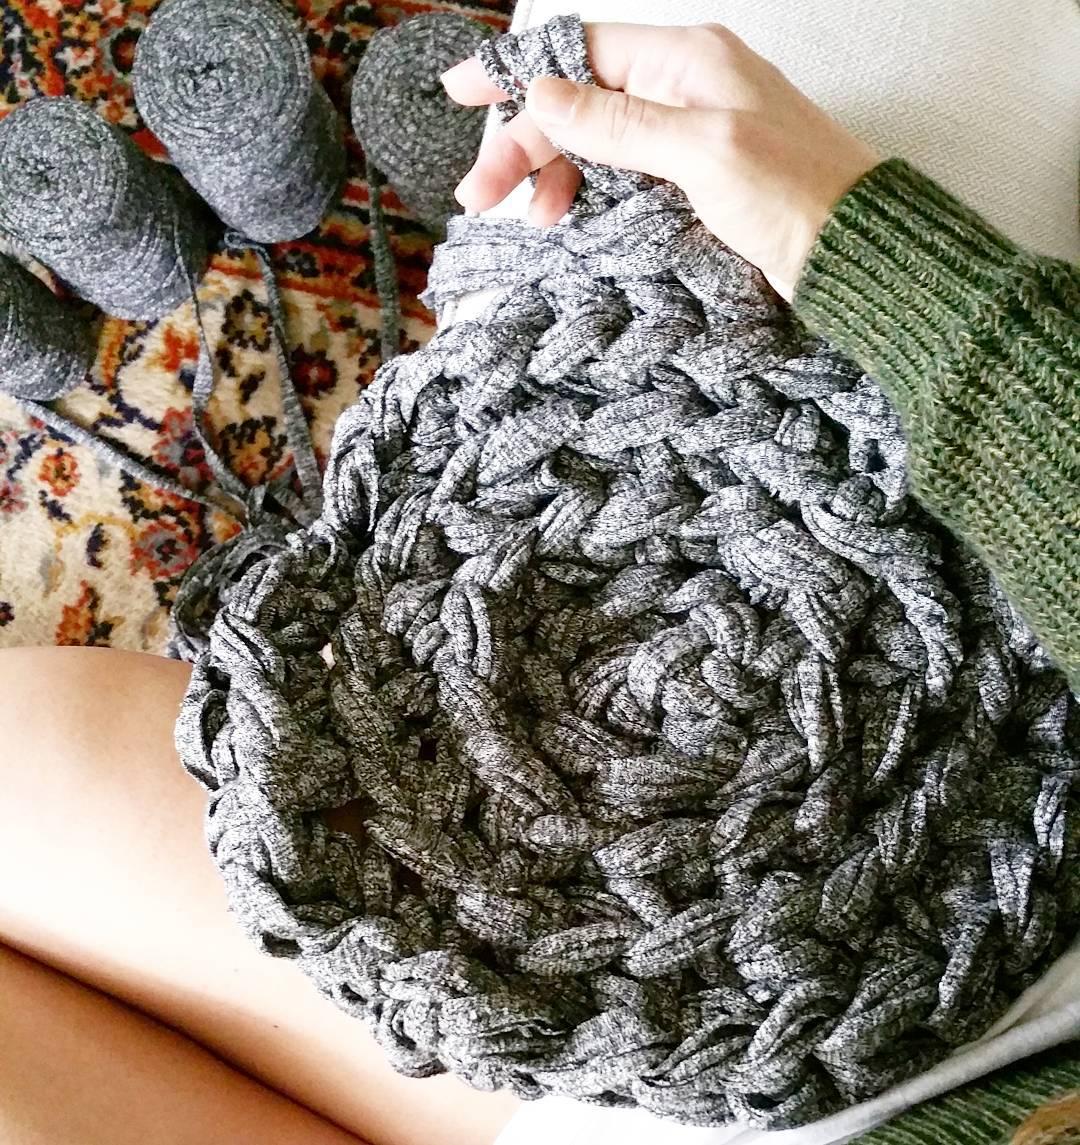 How To Hand Crochet A Circular Rug Simplymaggie Com